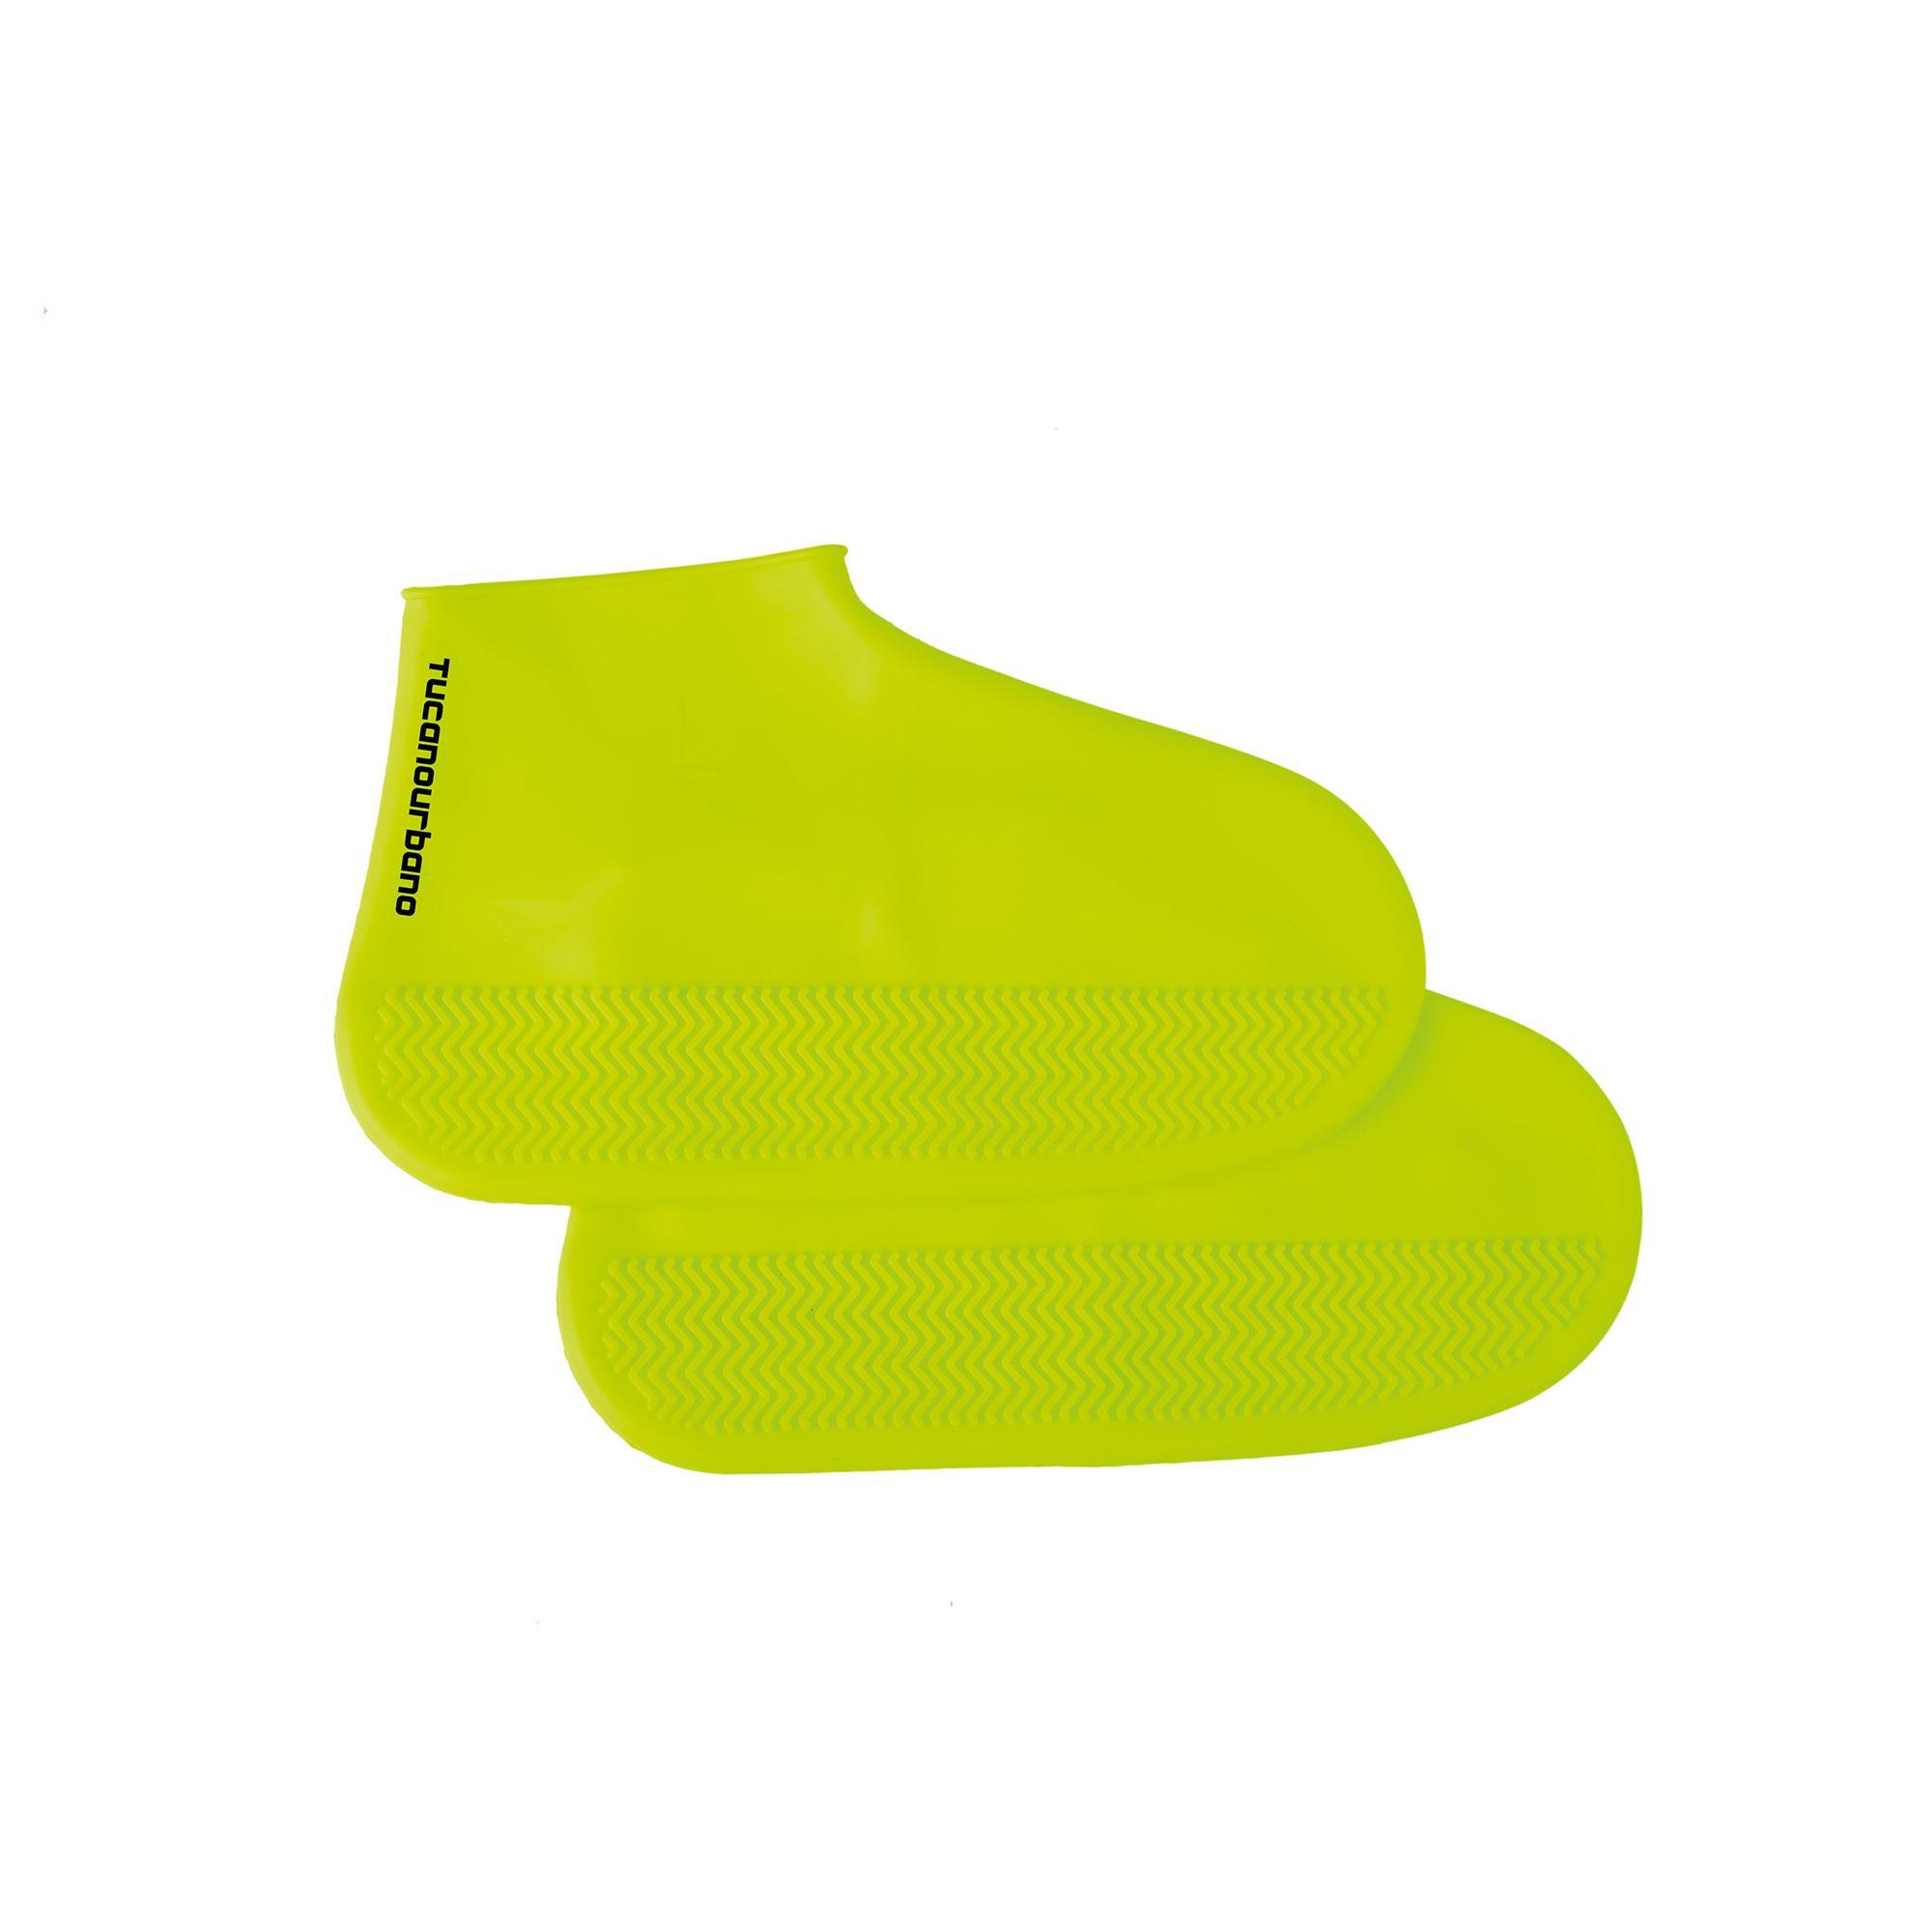 Copriscarpe Footerine Giallo Fluo